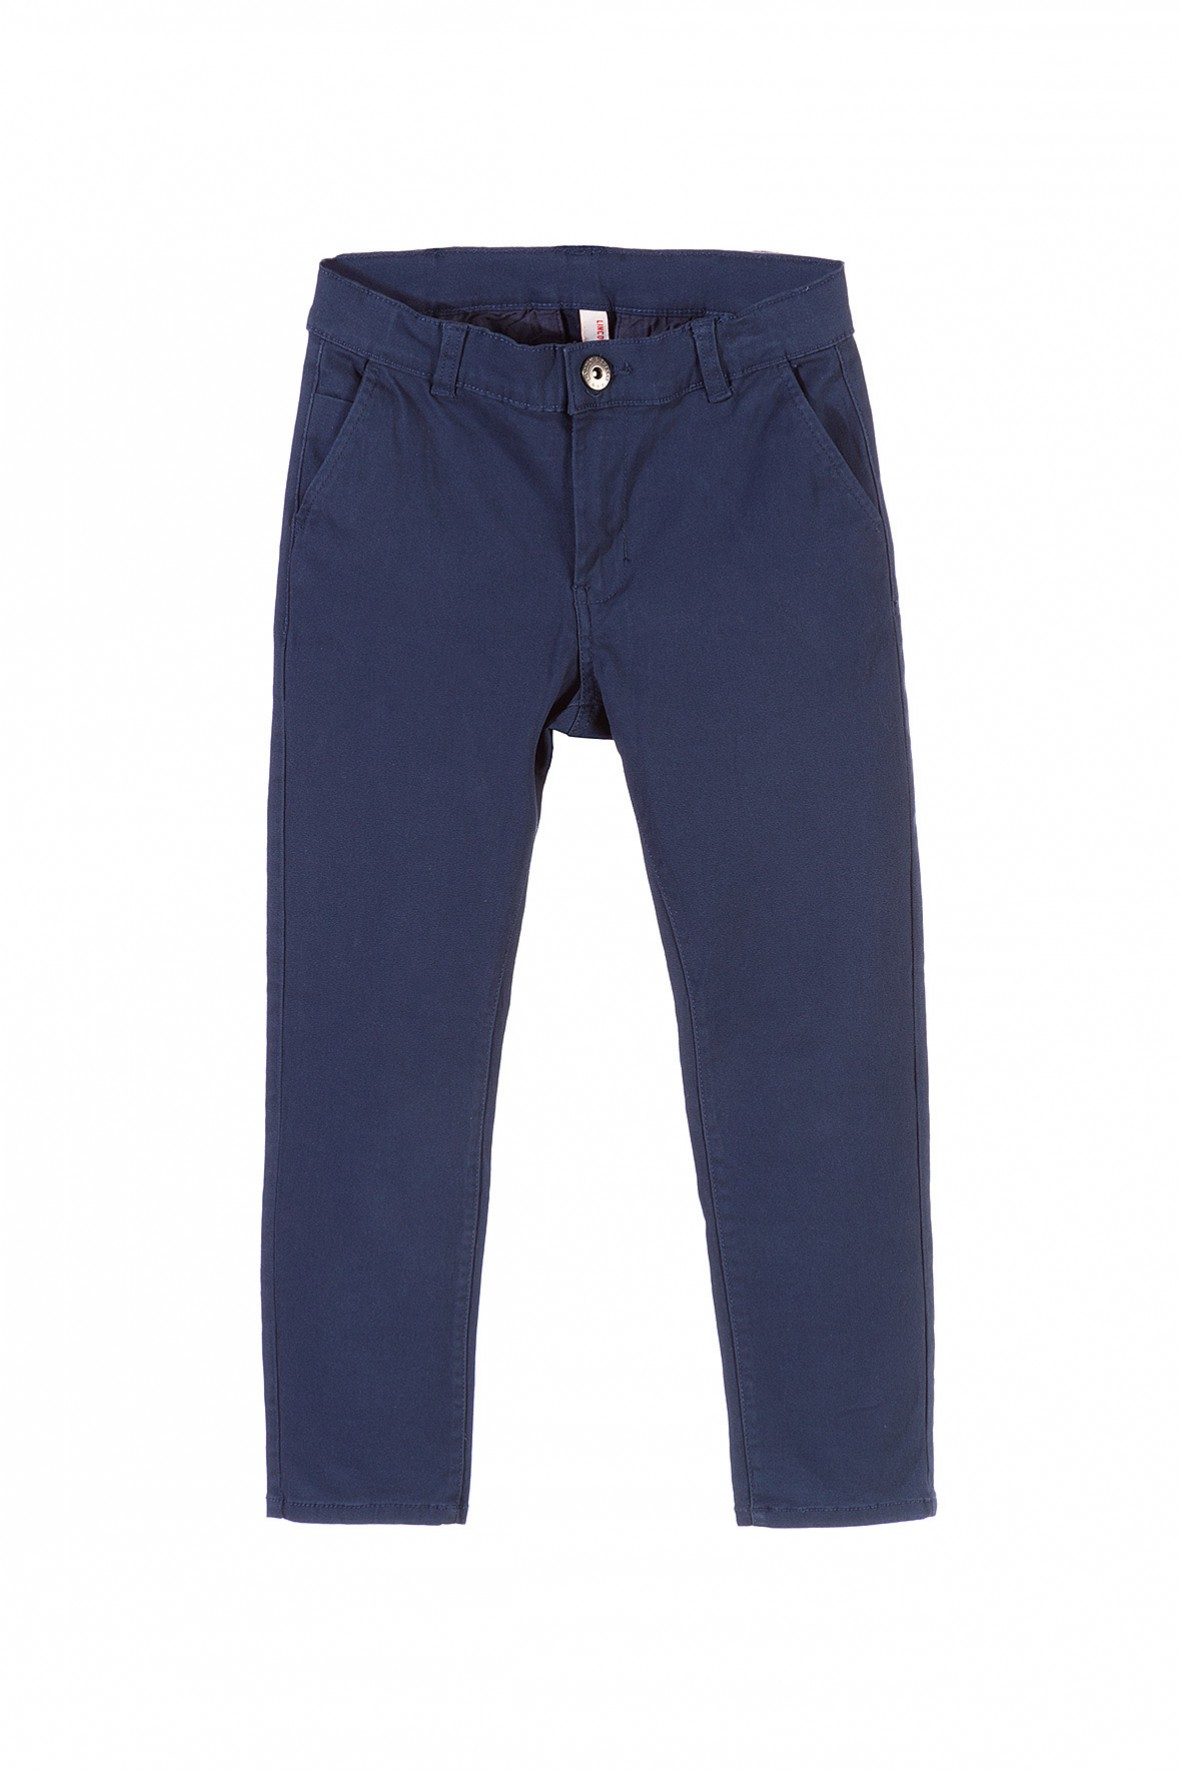 Spodnie chłopięce 2L3301